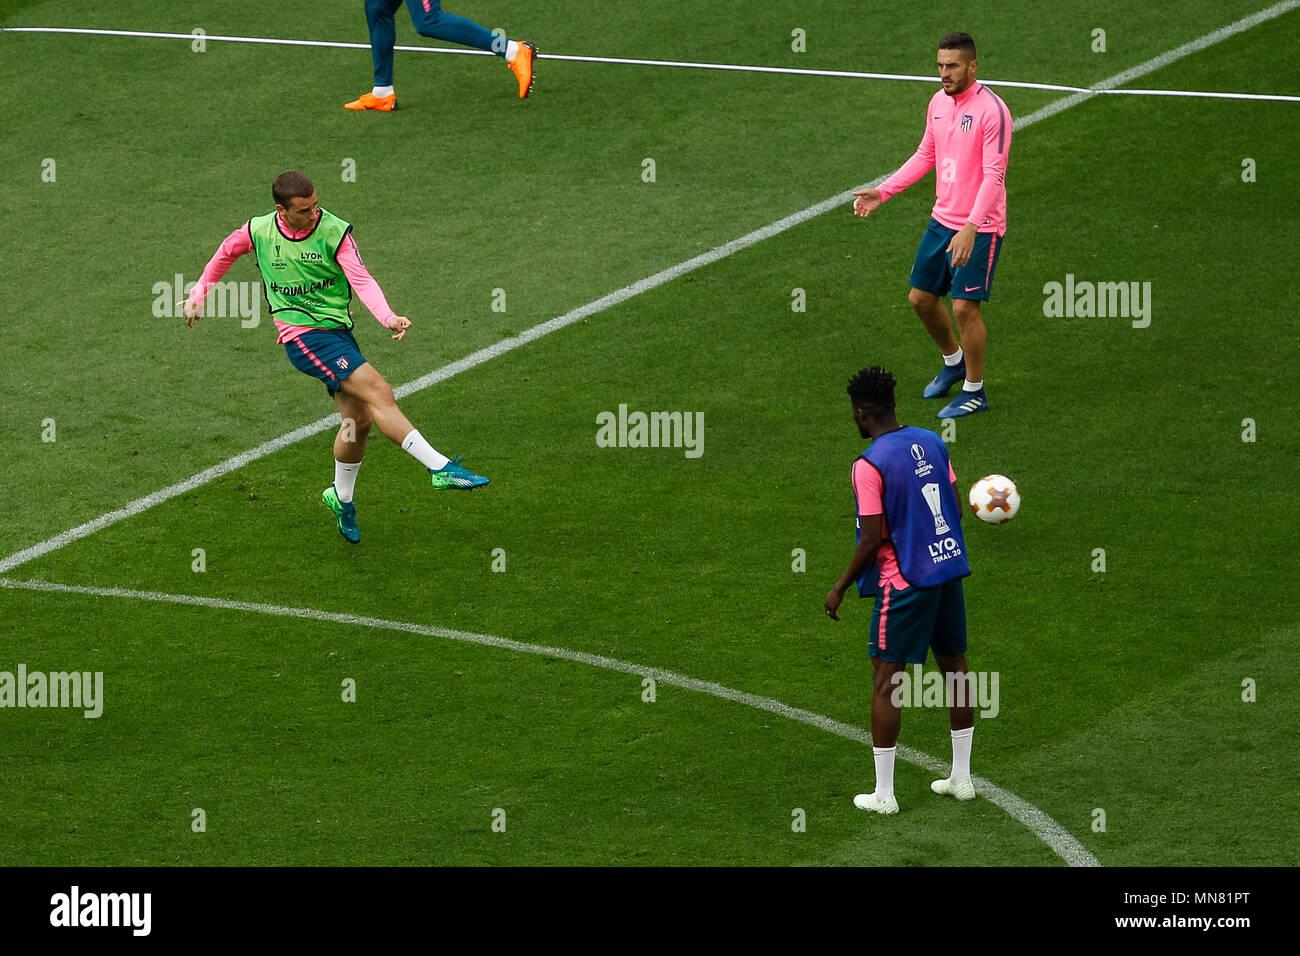 Allenamento calcio Atlético de Madrid prima